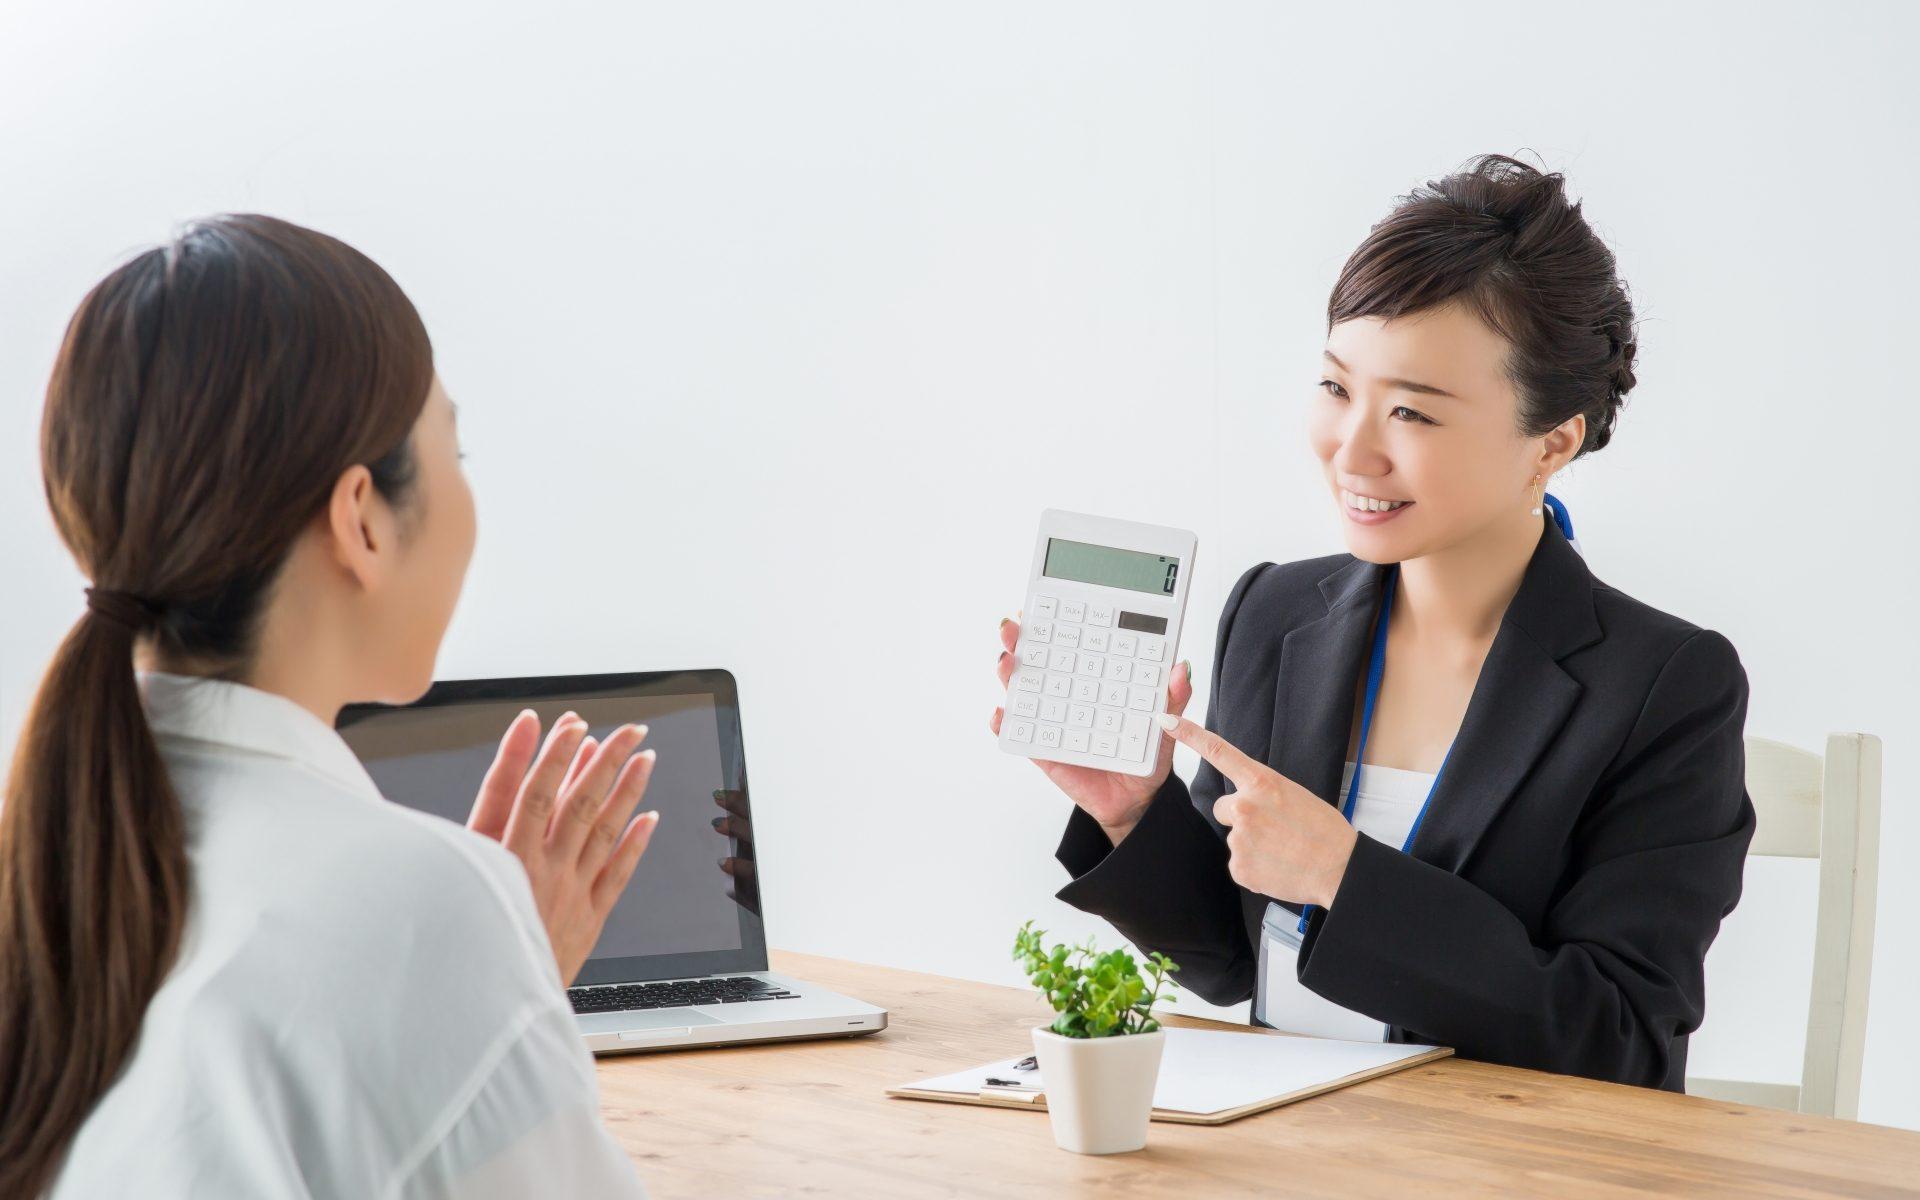 価格で選ぶならWiFiのレンタルをお勧めする女性